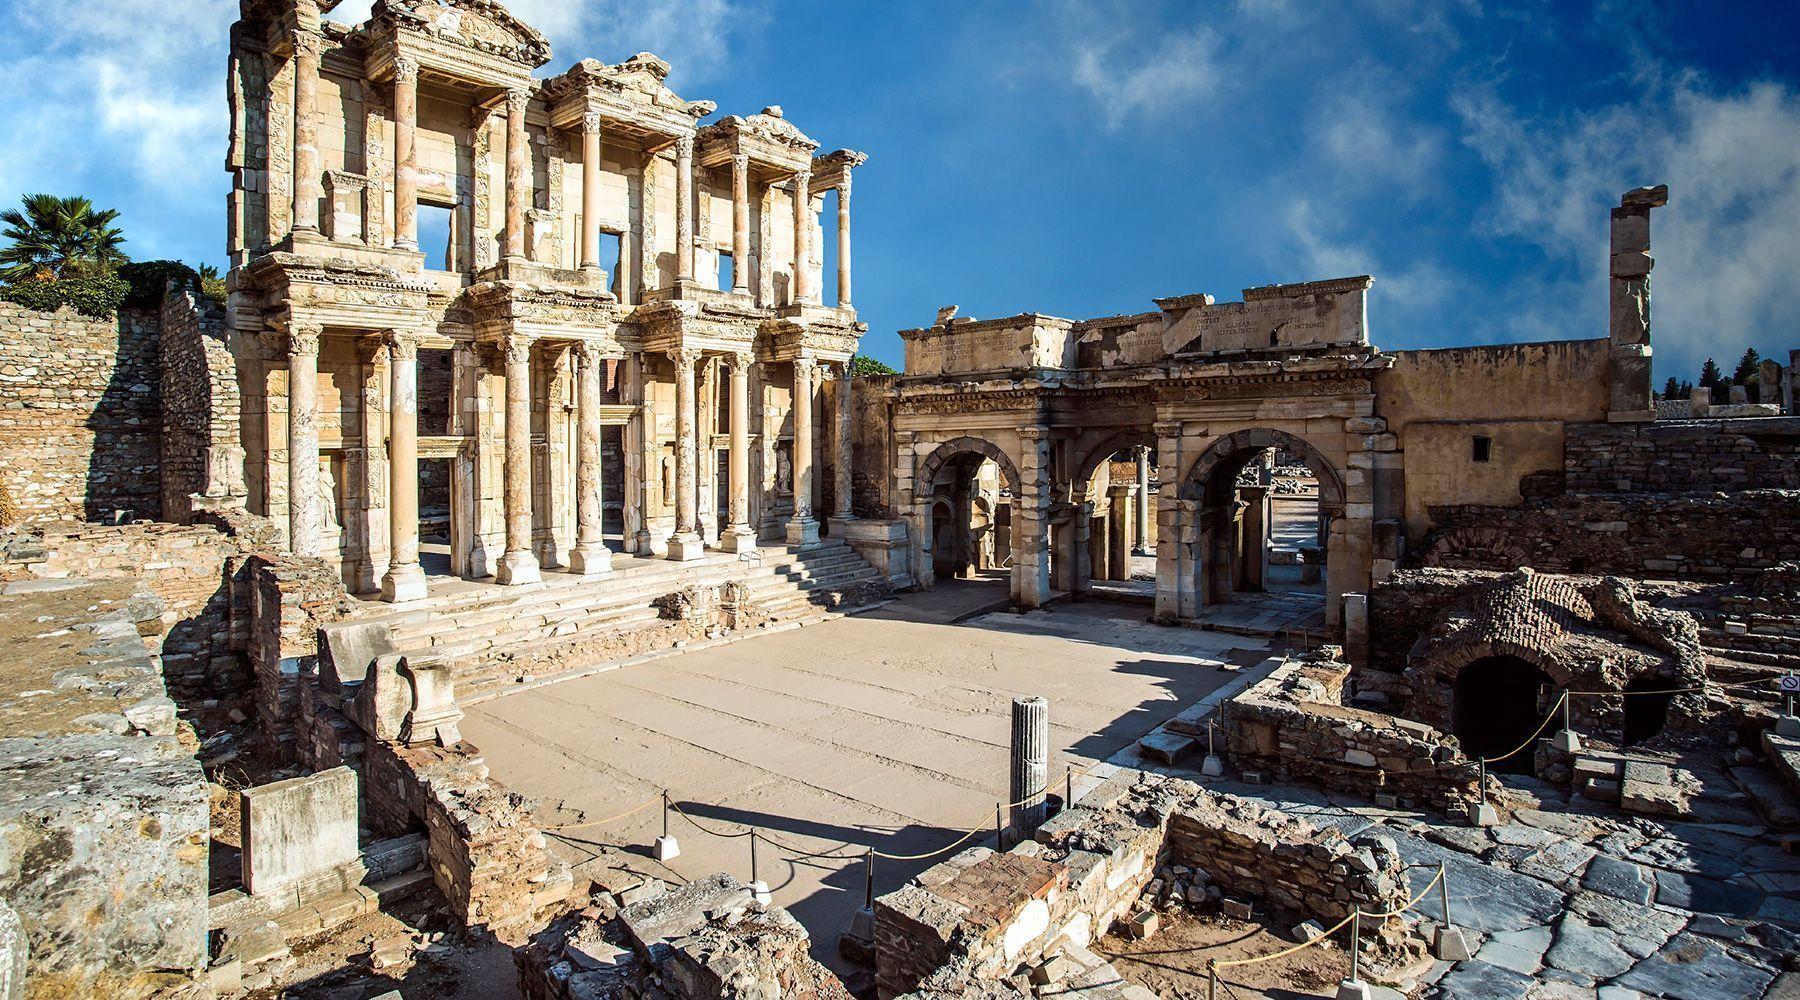 ที่เที่ยวตุรกี สถานที่สวยงามติดระดับโลก ความประทับใจที่ยากจะลืม